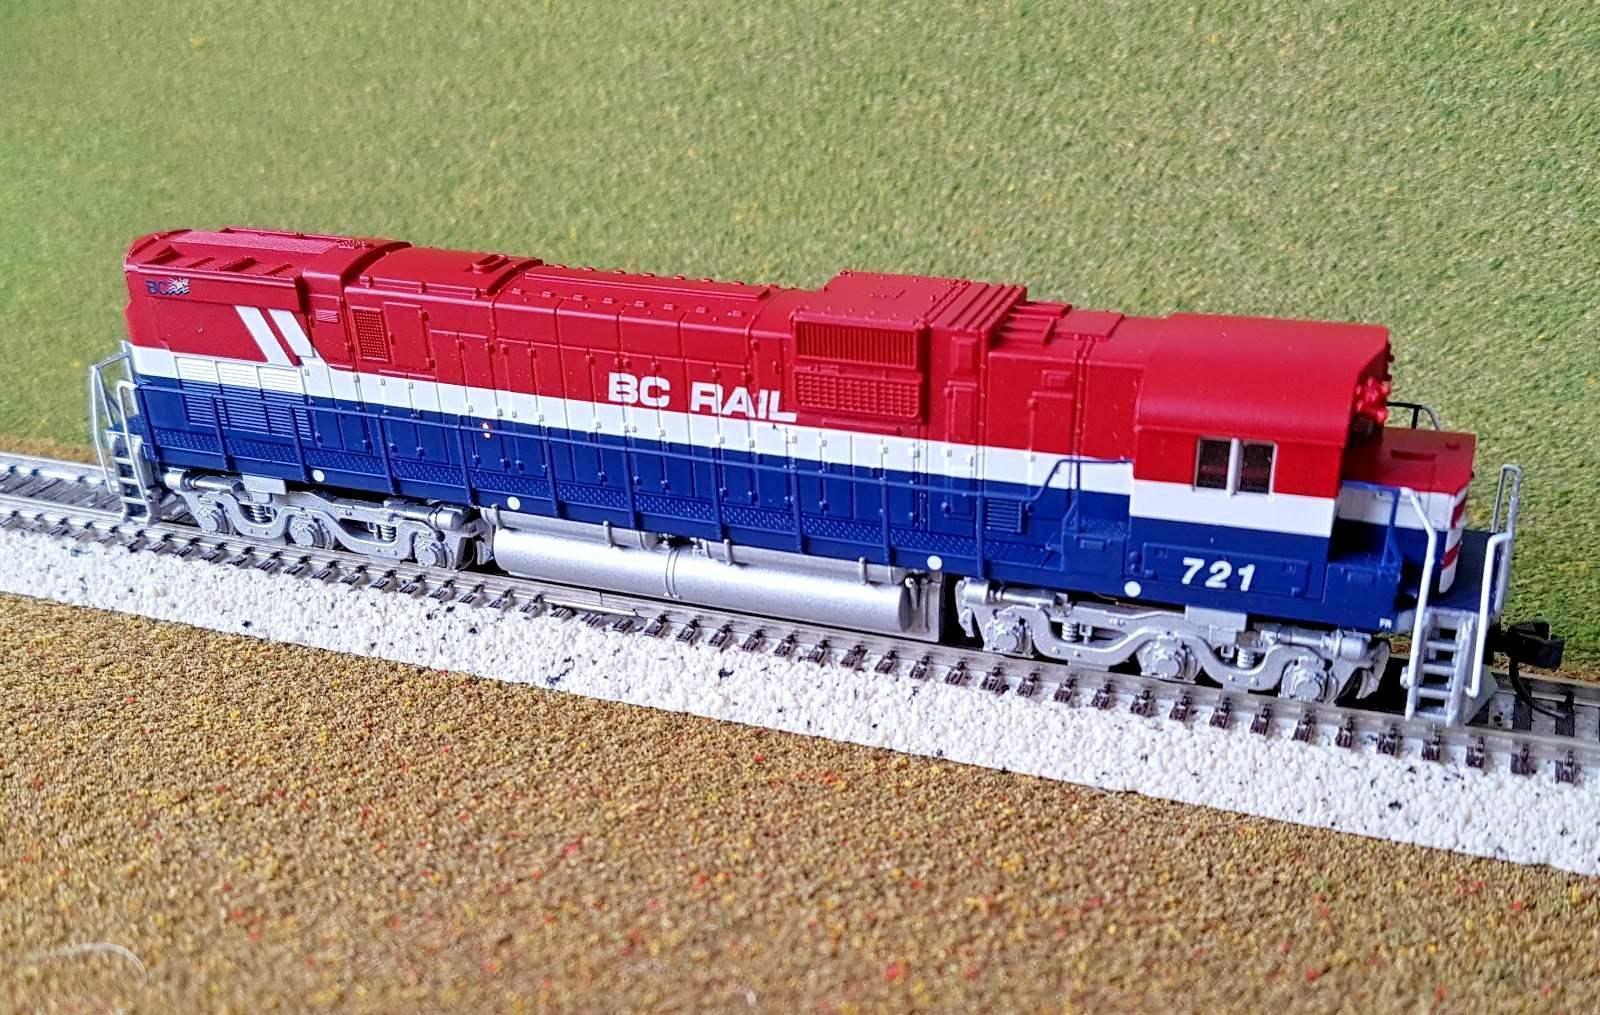 los clientes primero Atlas 1 160 N escala C-630 British Columbia BC BC BC Rail Road DC   721   40001979 F S  100% autentico